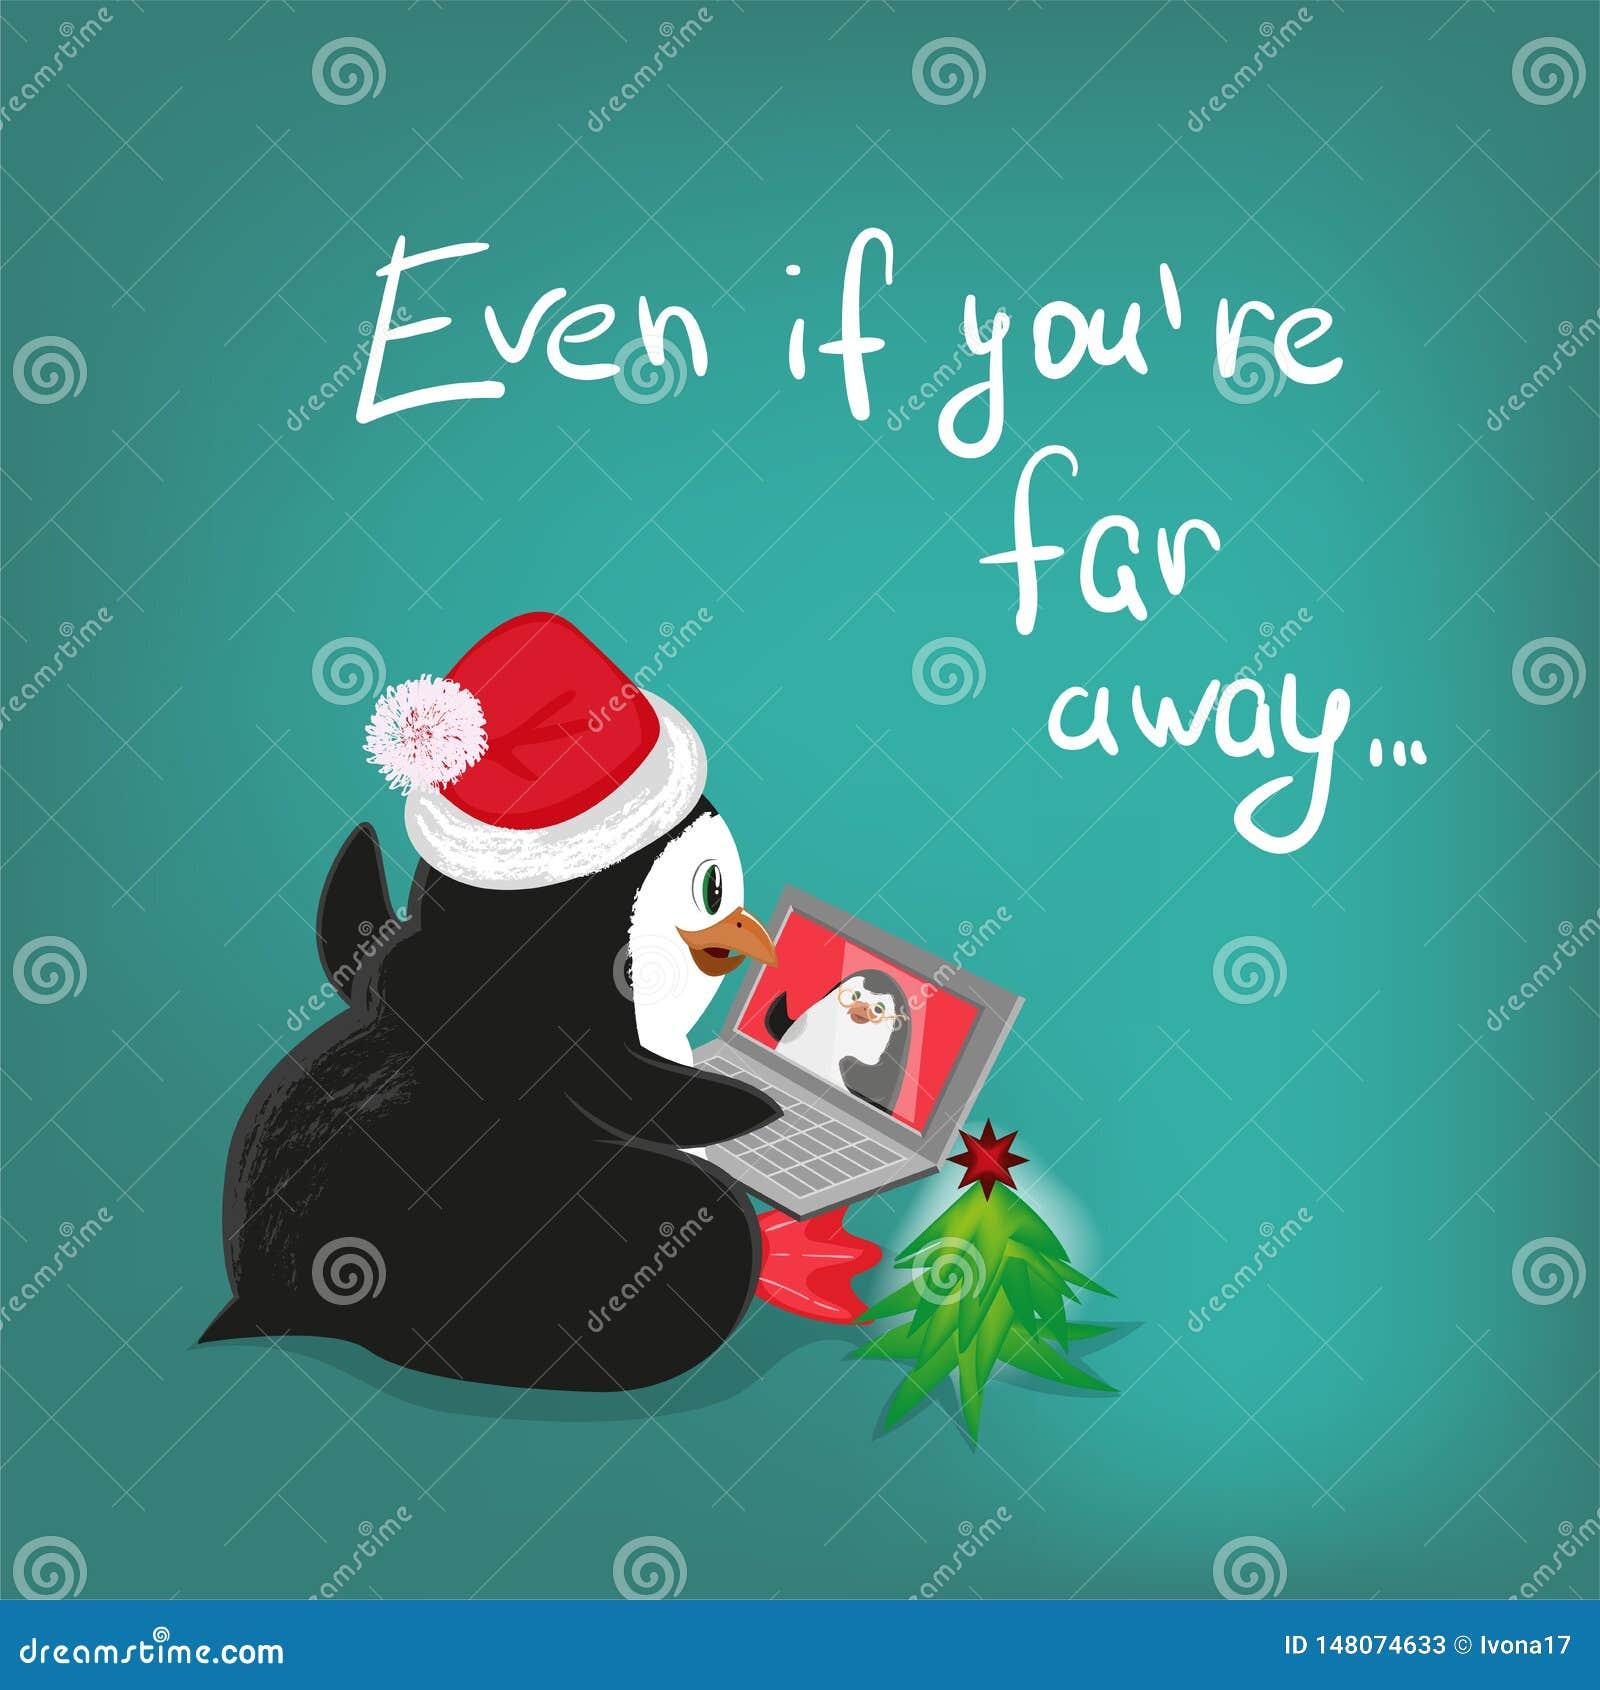 El ejemplo greating de la historieta del vector de la tarjeta de Navidad de la comunicación del ordenador portátil del pingüino,